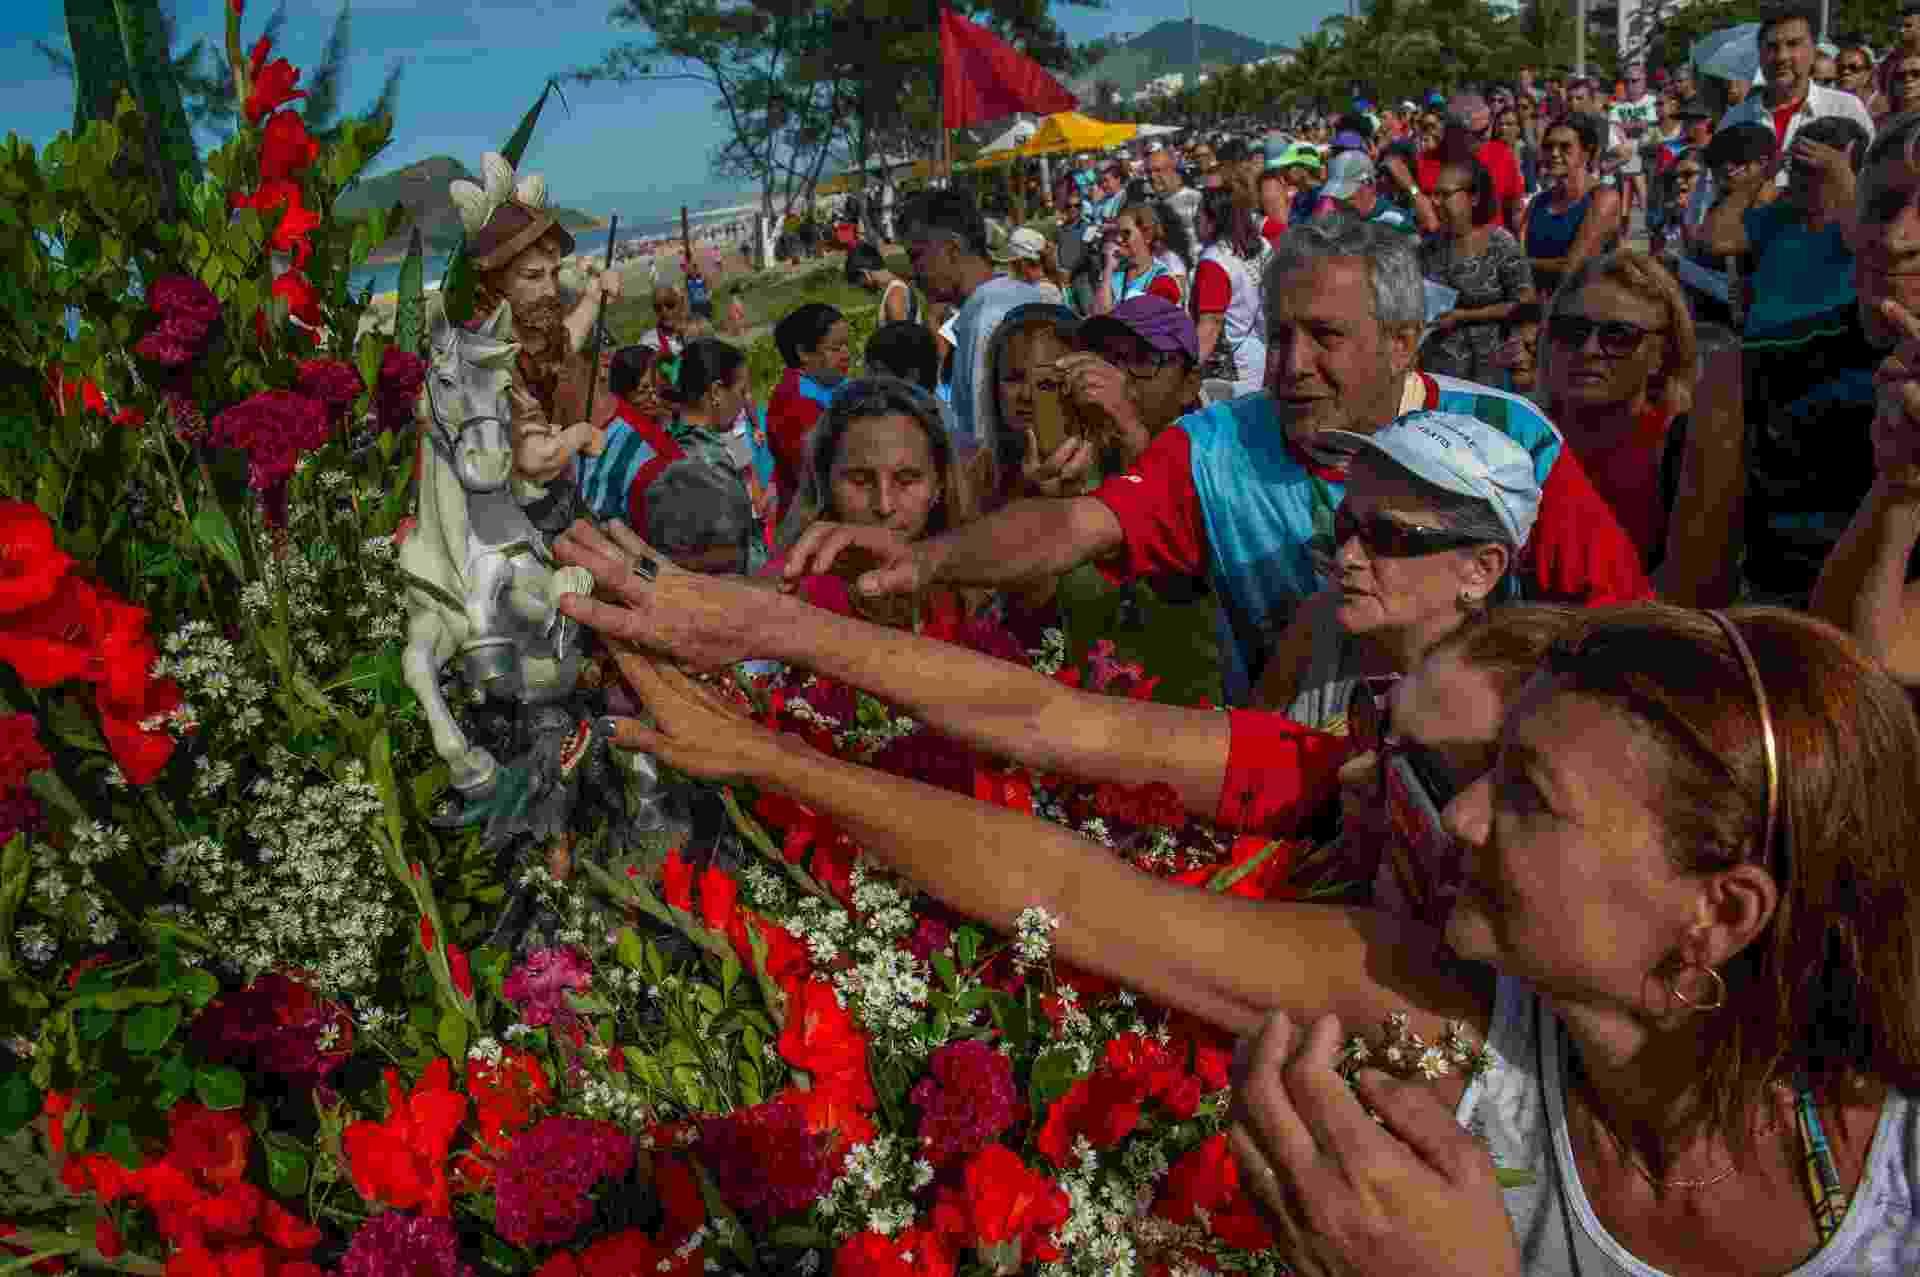 23.abr.2018 - Fiéis homenageiam o Dia de São Jorge durante celebração na Praia do Recreio dos Bandeirantes, zona oeste do Rio de Janeiro, nesta segunda- feira, 23. A data faz parte do calendário oficial do Rio de Janeiro e é feriado regulamentado desde 2008 - Ilan Pellenberg/Estadão Conteúdo